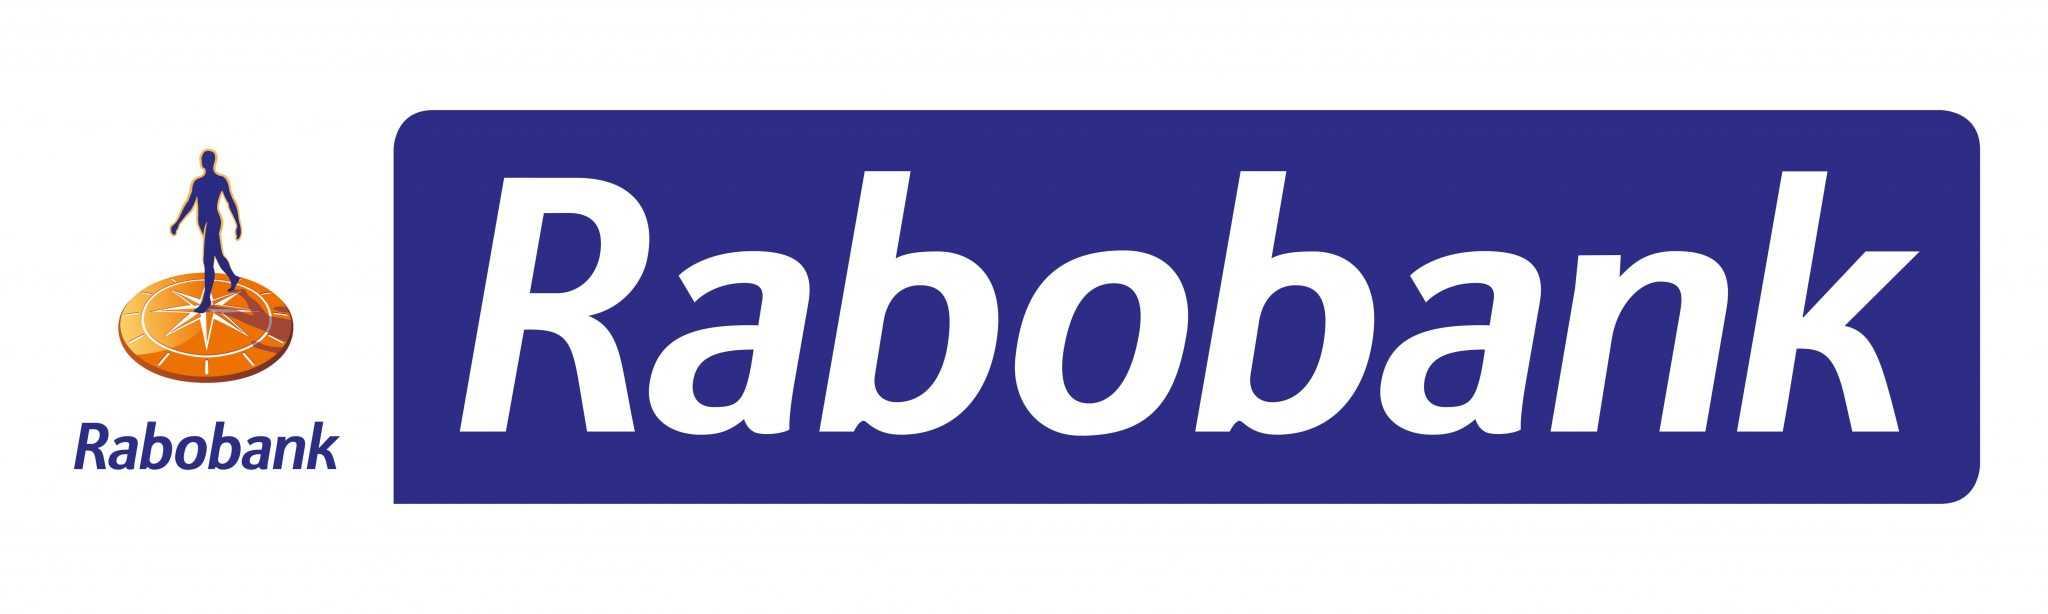 Rabobank-001-001